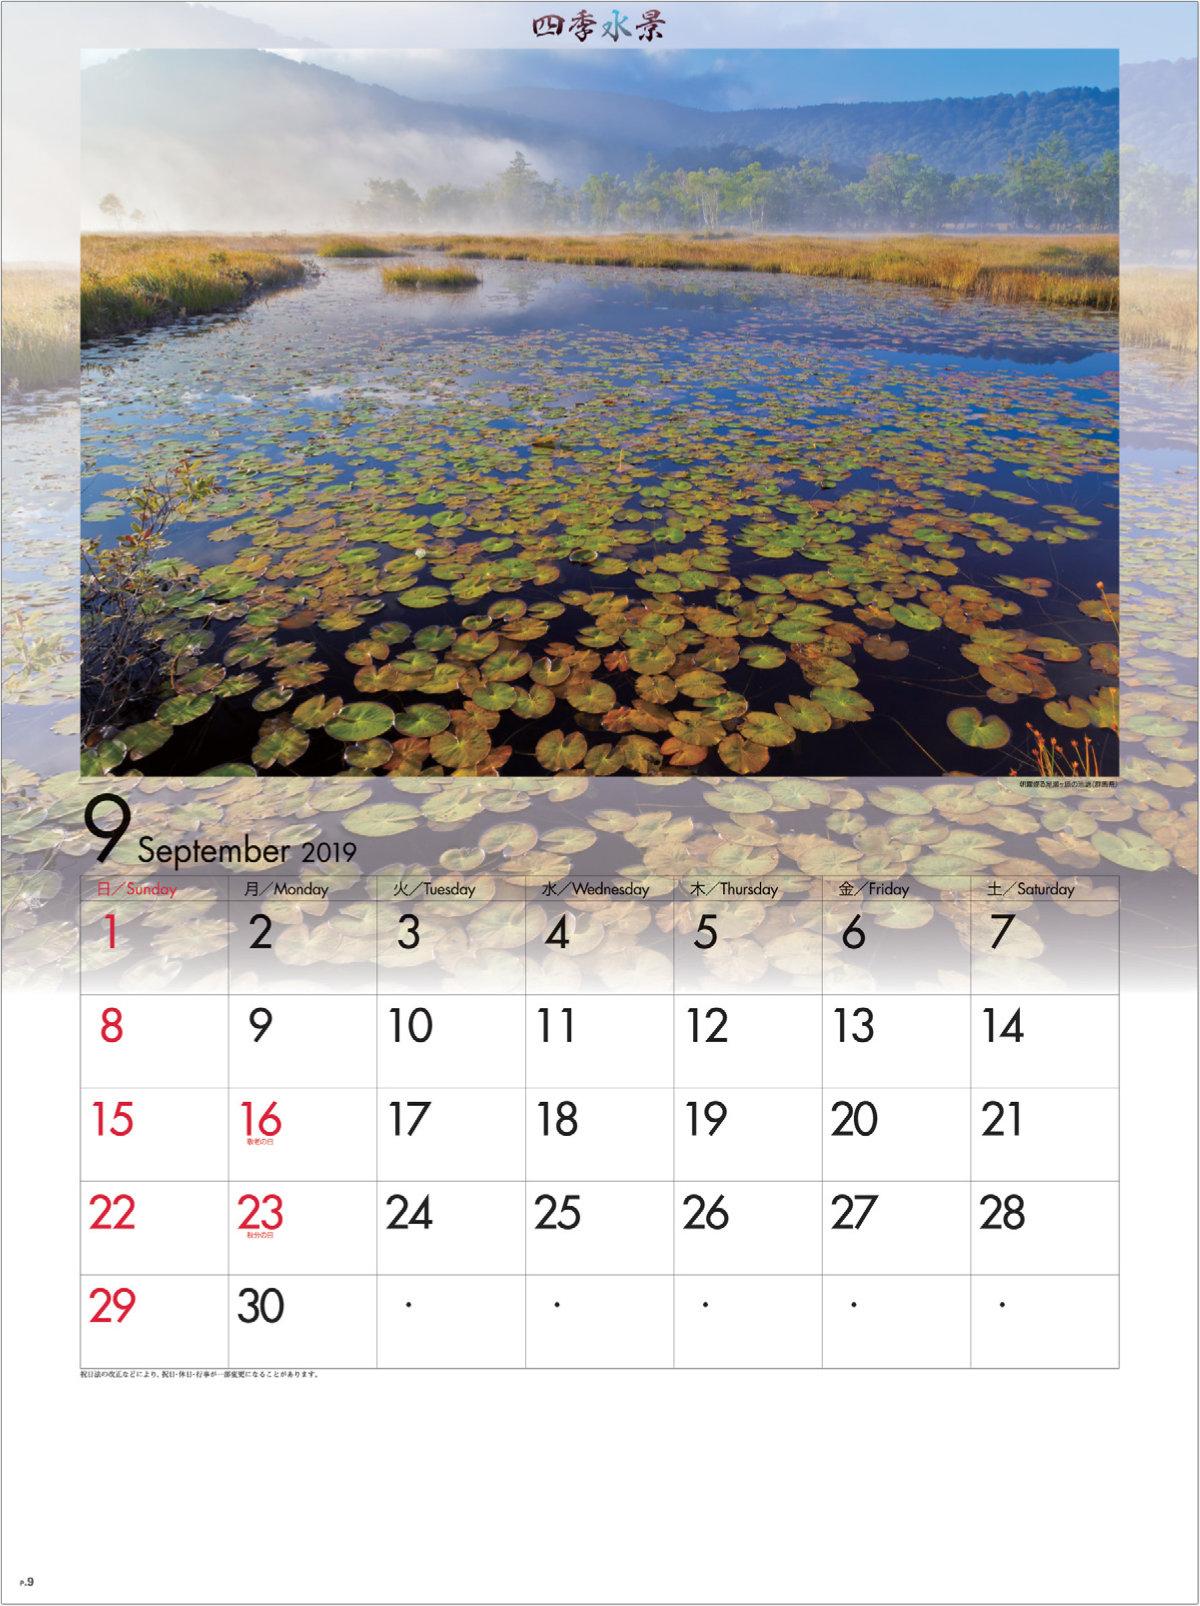 画像:群馬県 尾瀬ヶ原の池塘 尾瀬コウホネの写真 四季水景 2019年カレンダー